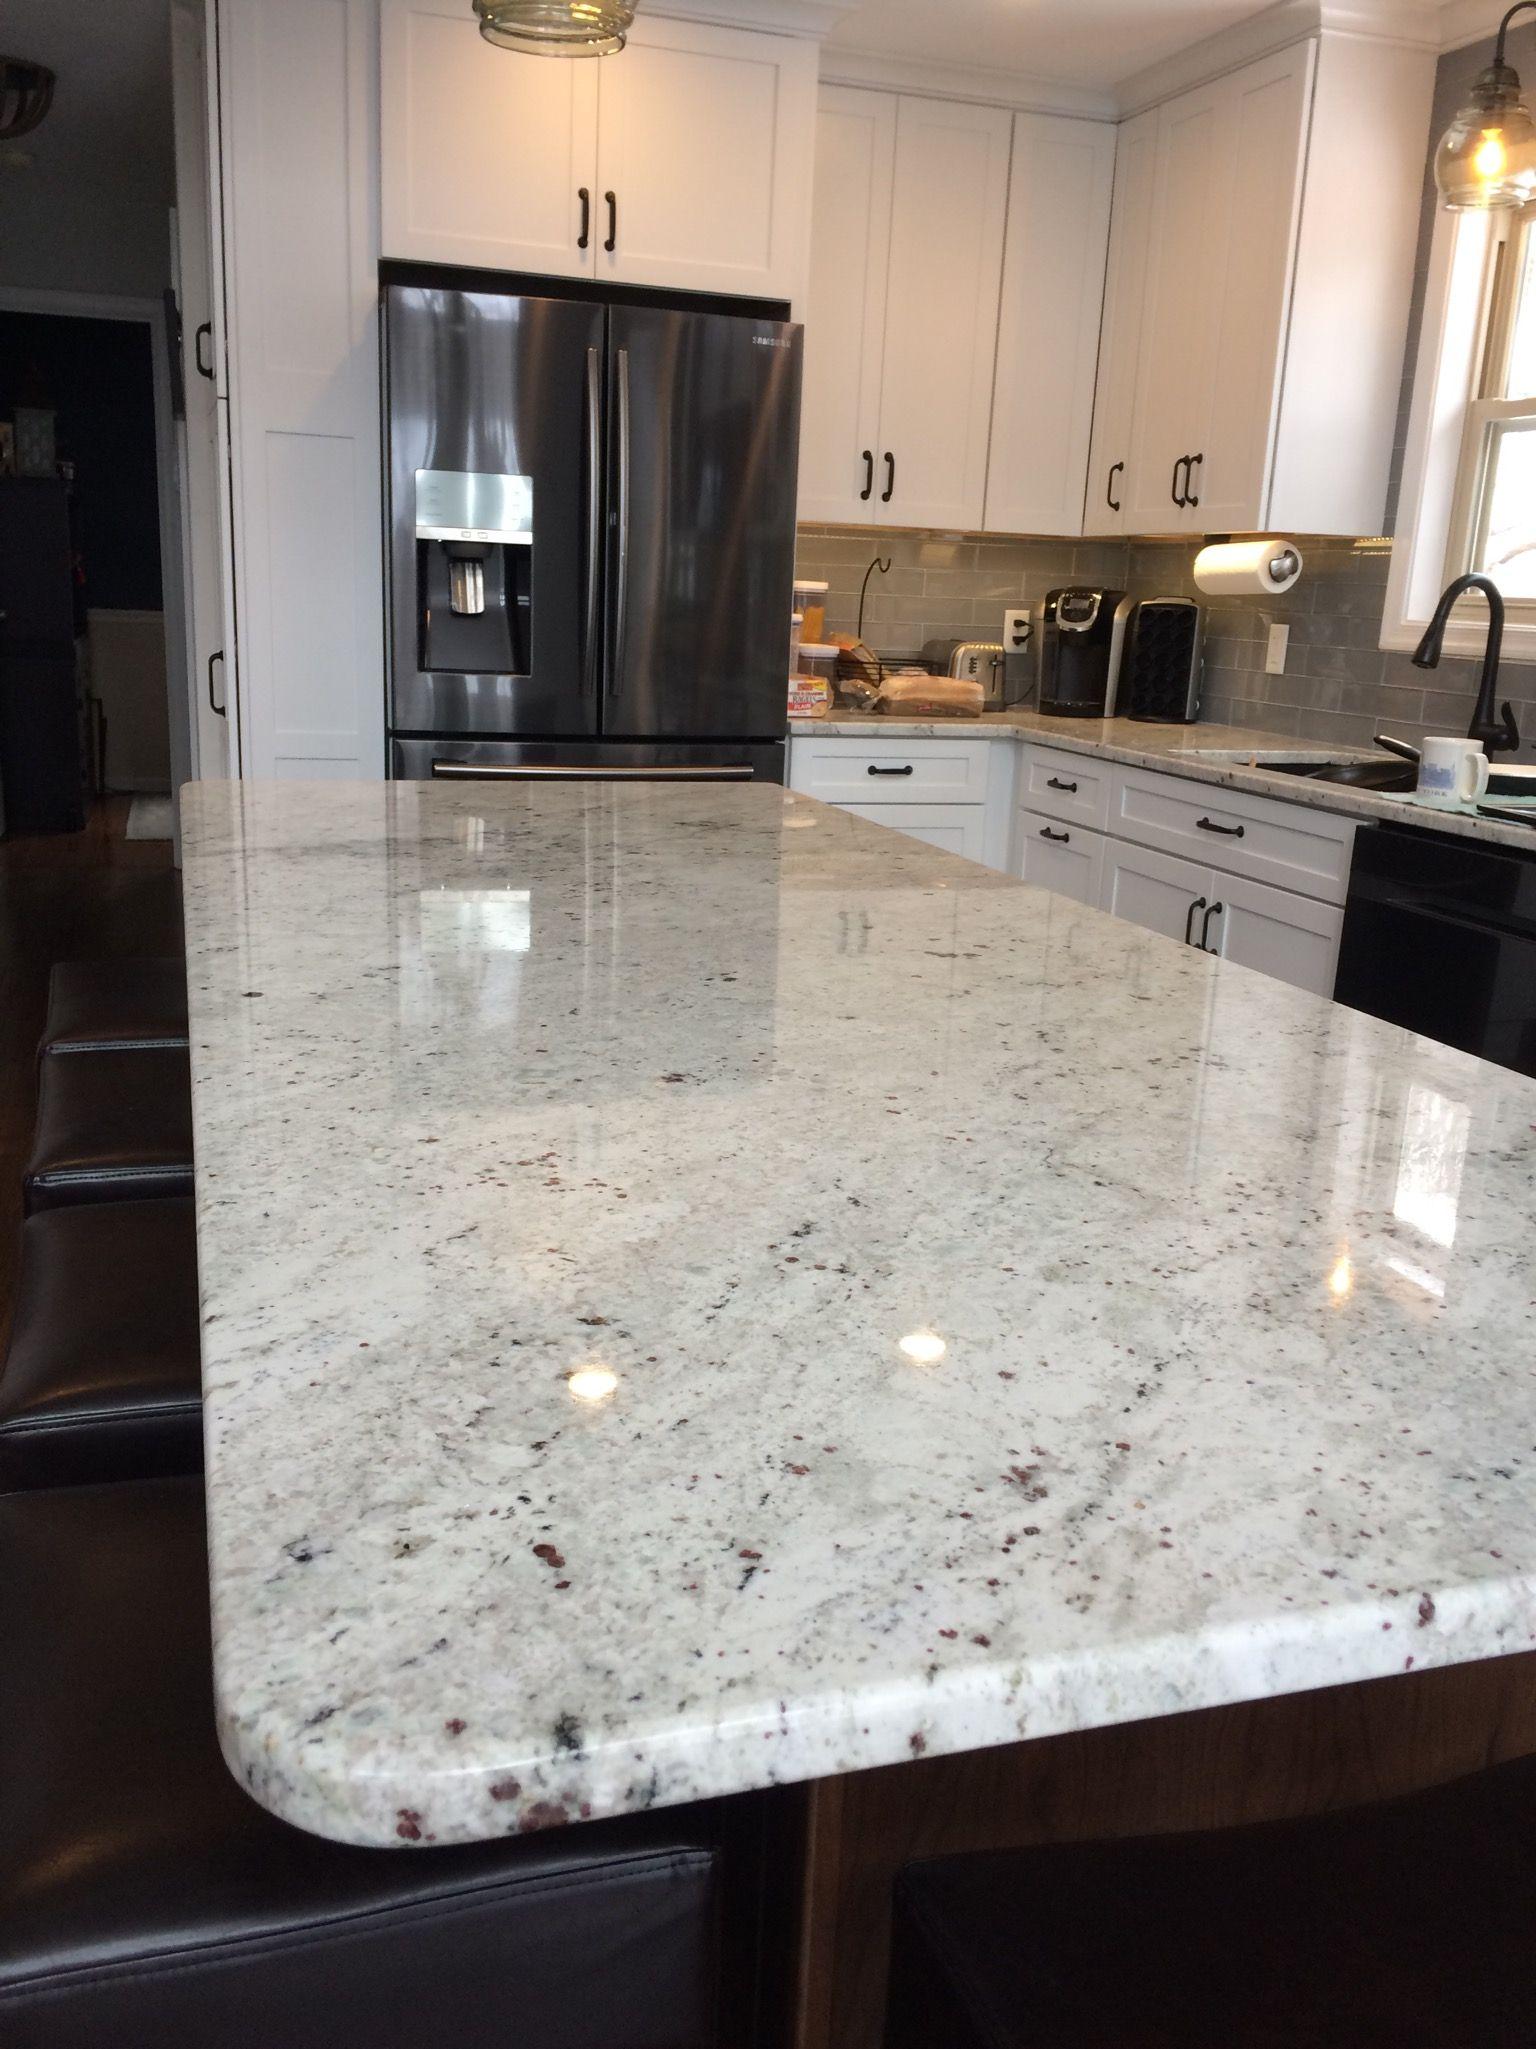 Coordinar gabinete de la cocina piso de madera de color - Colonial White Granite Island